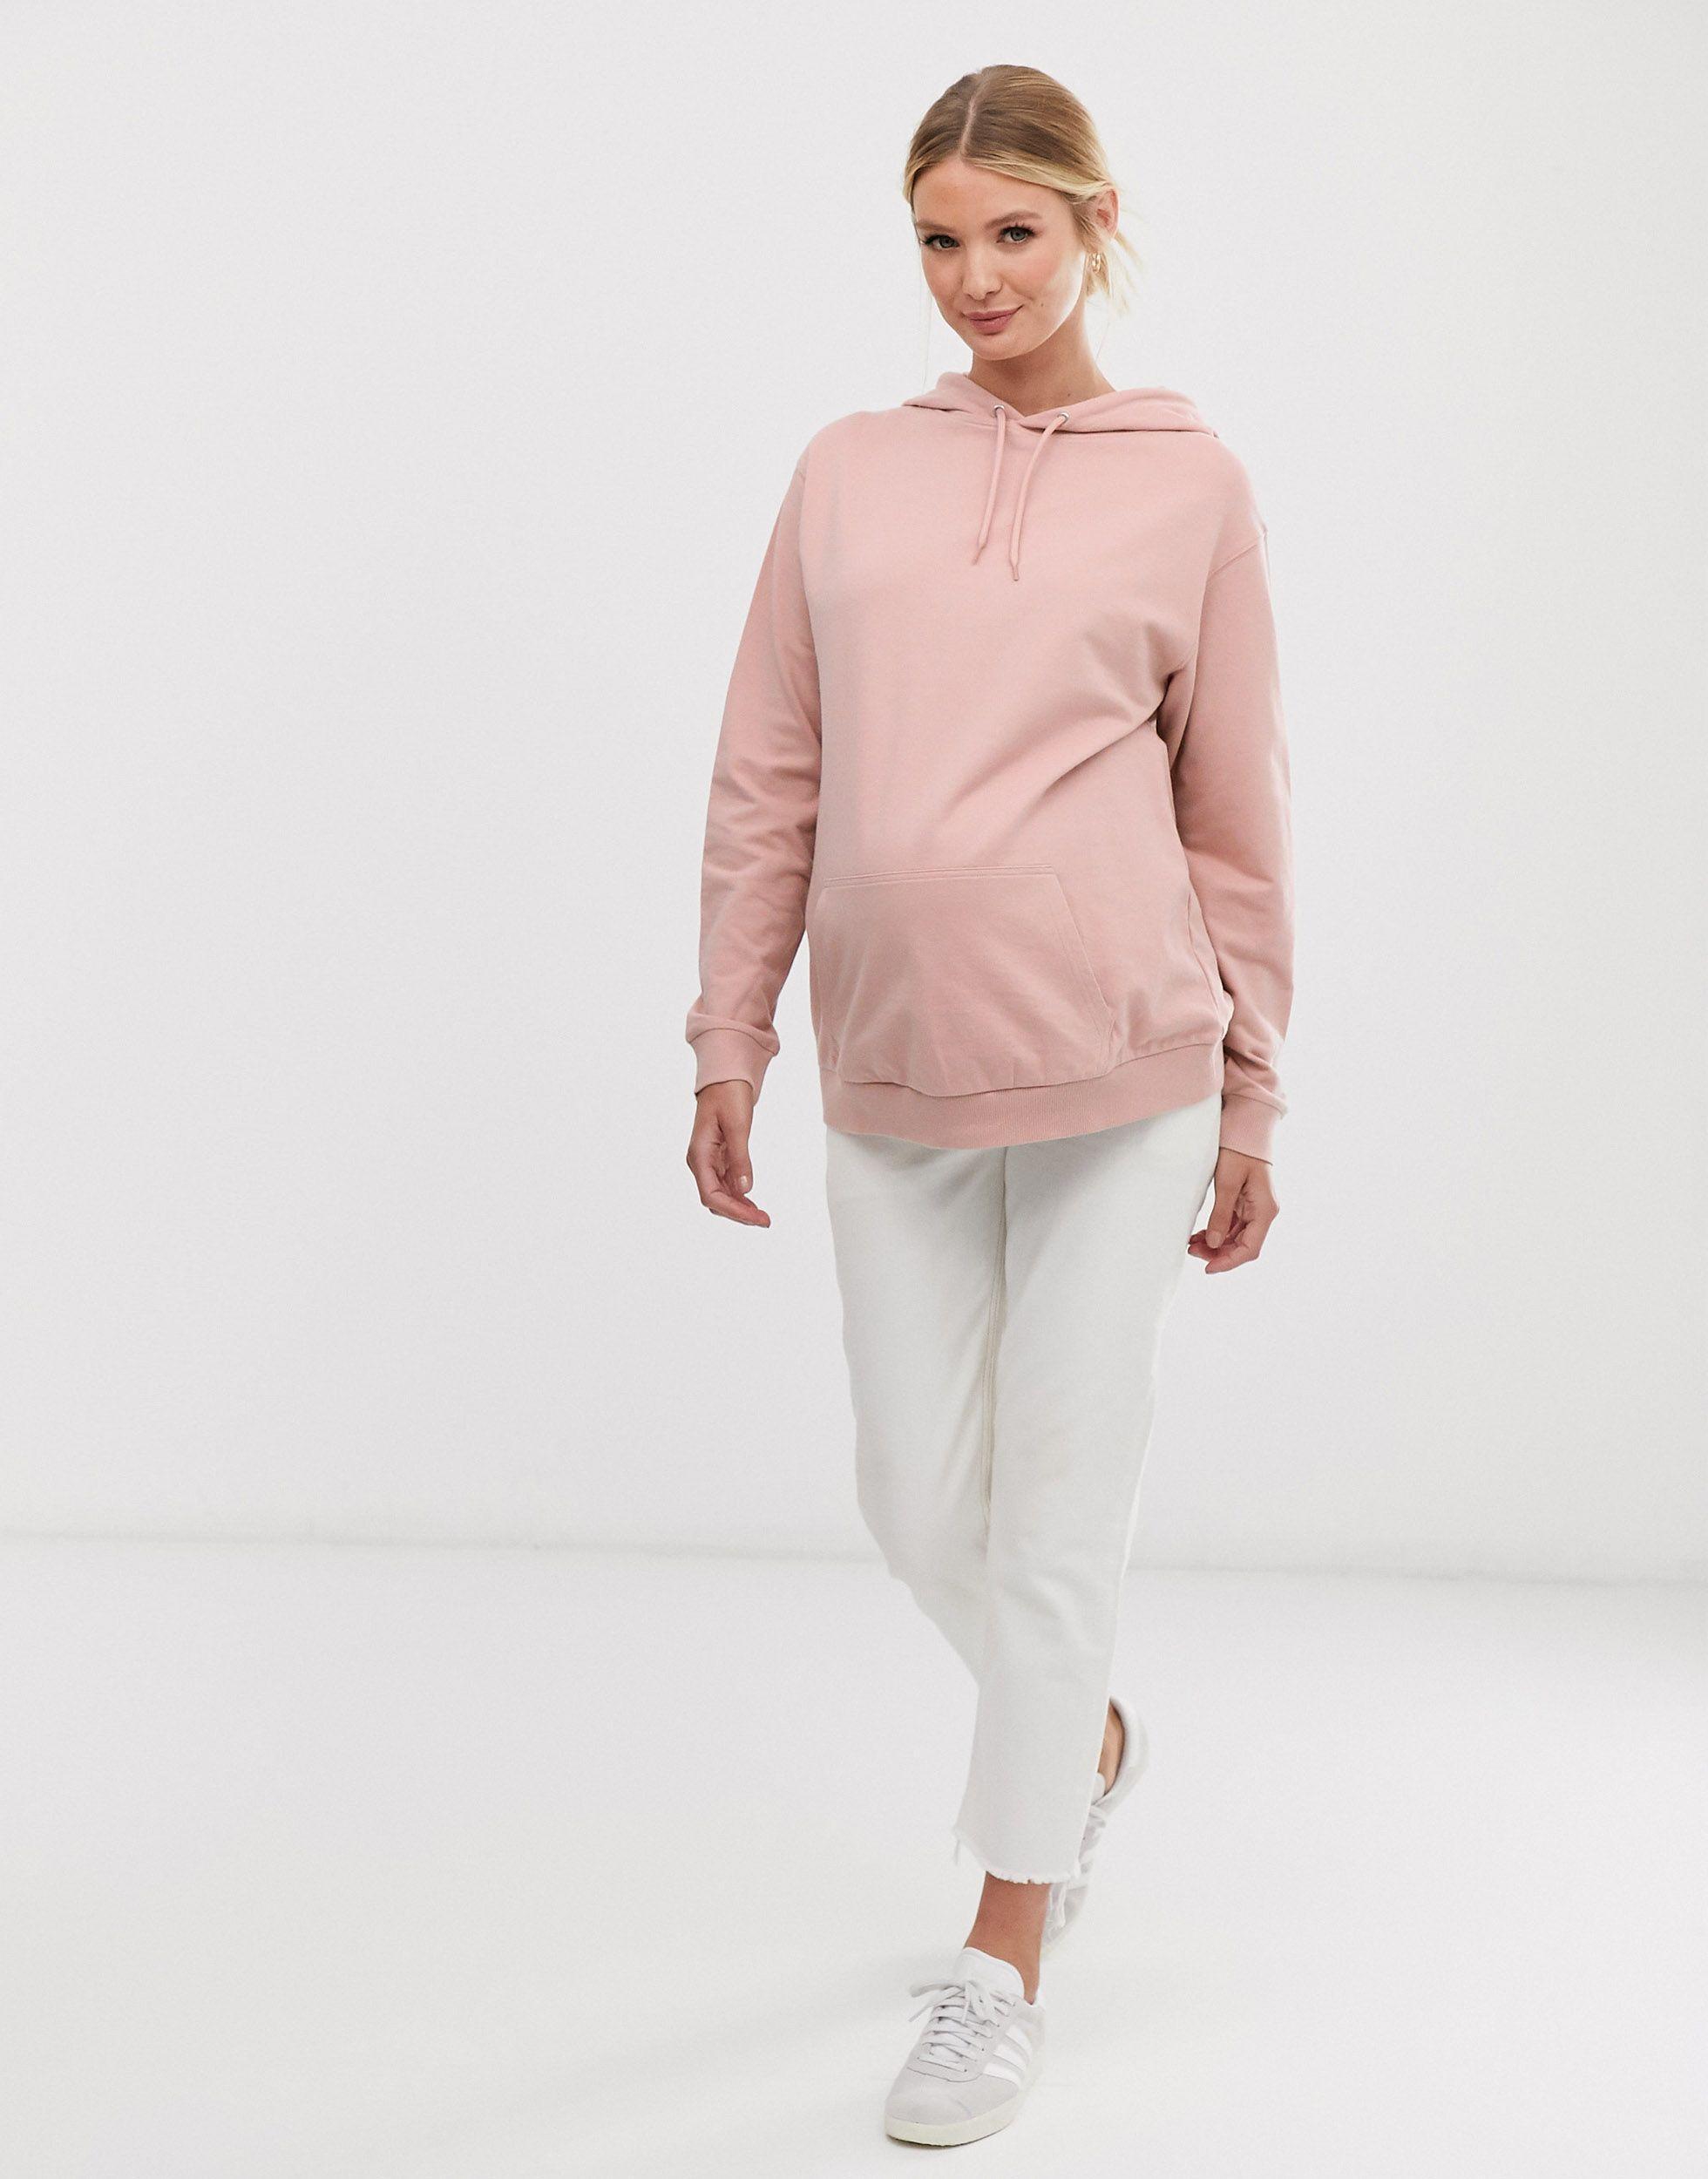 ASOS DESIGN Maternity - Ultimate - Hoodie Coton ASOS en coloris Rose